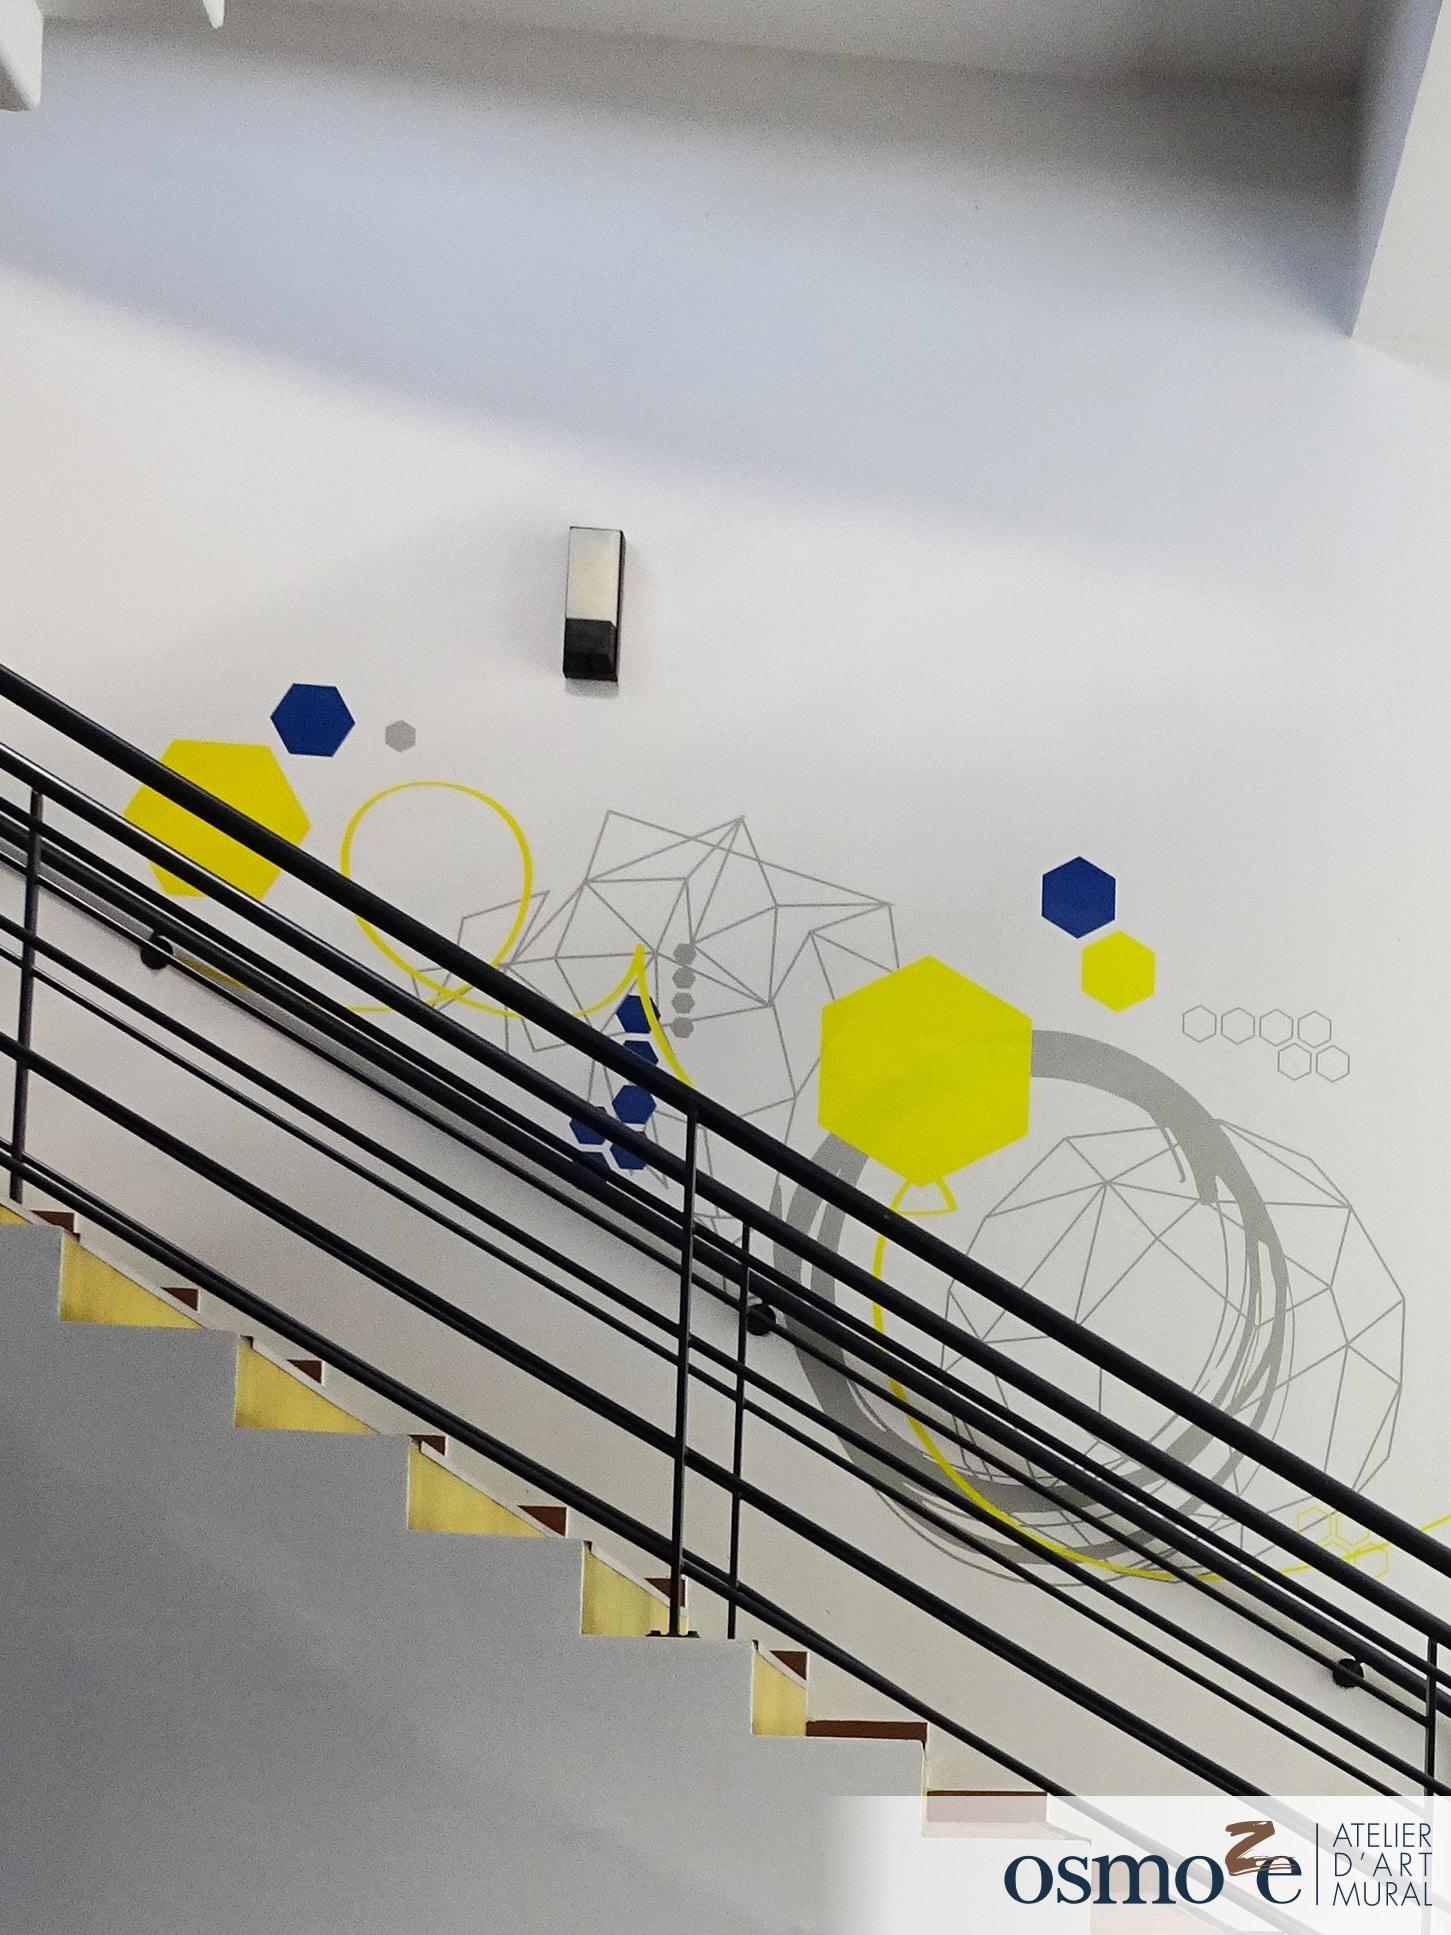 Décoration murale et signalétique artistique > Signalétique décorative > Décoration murale design > Escalier > CROUS Nice